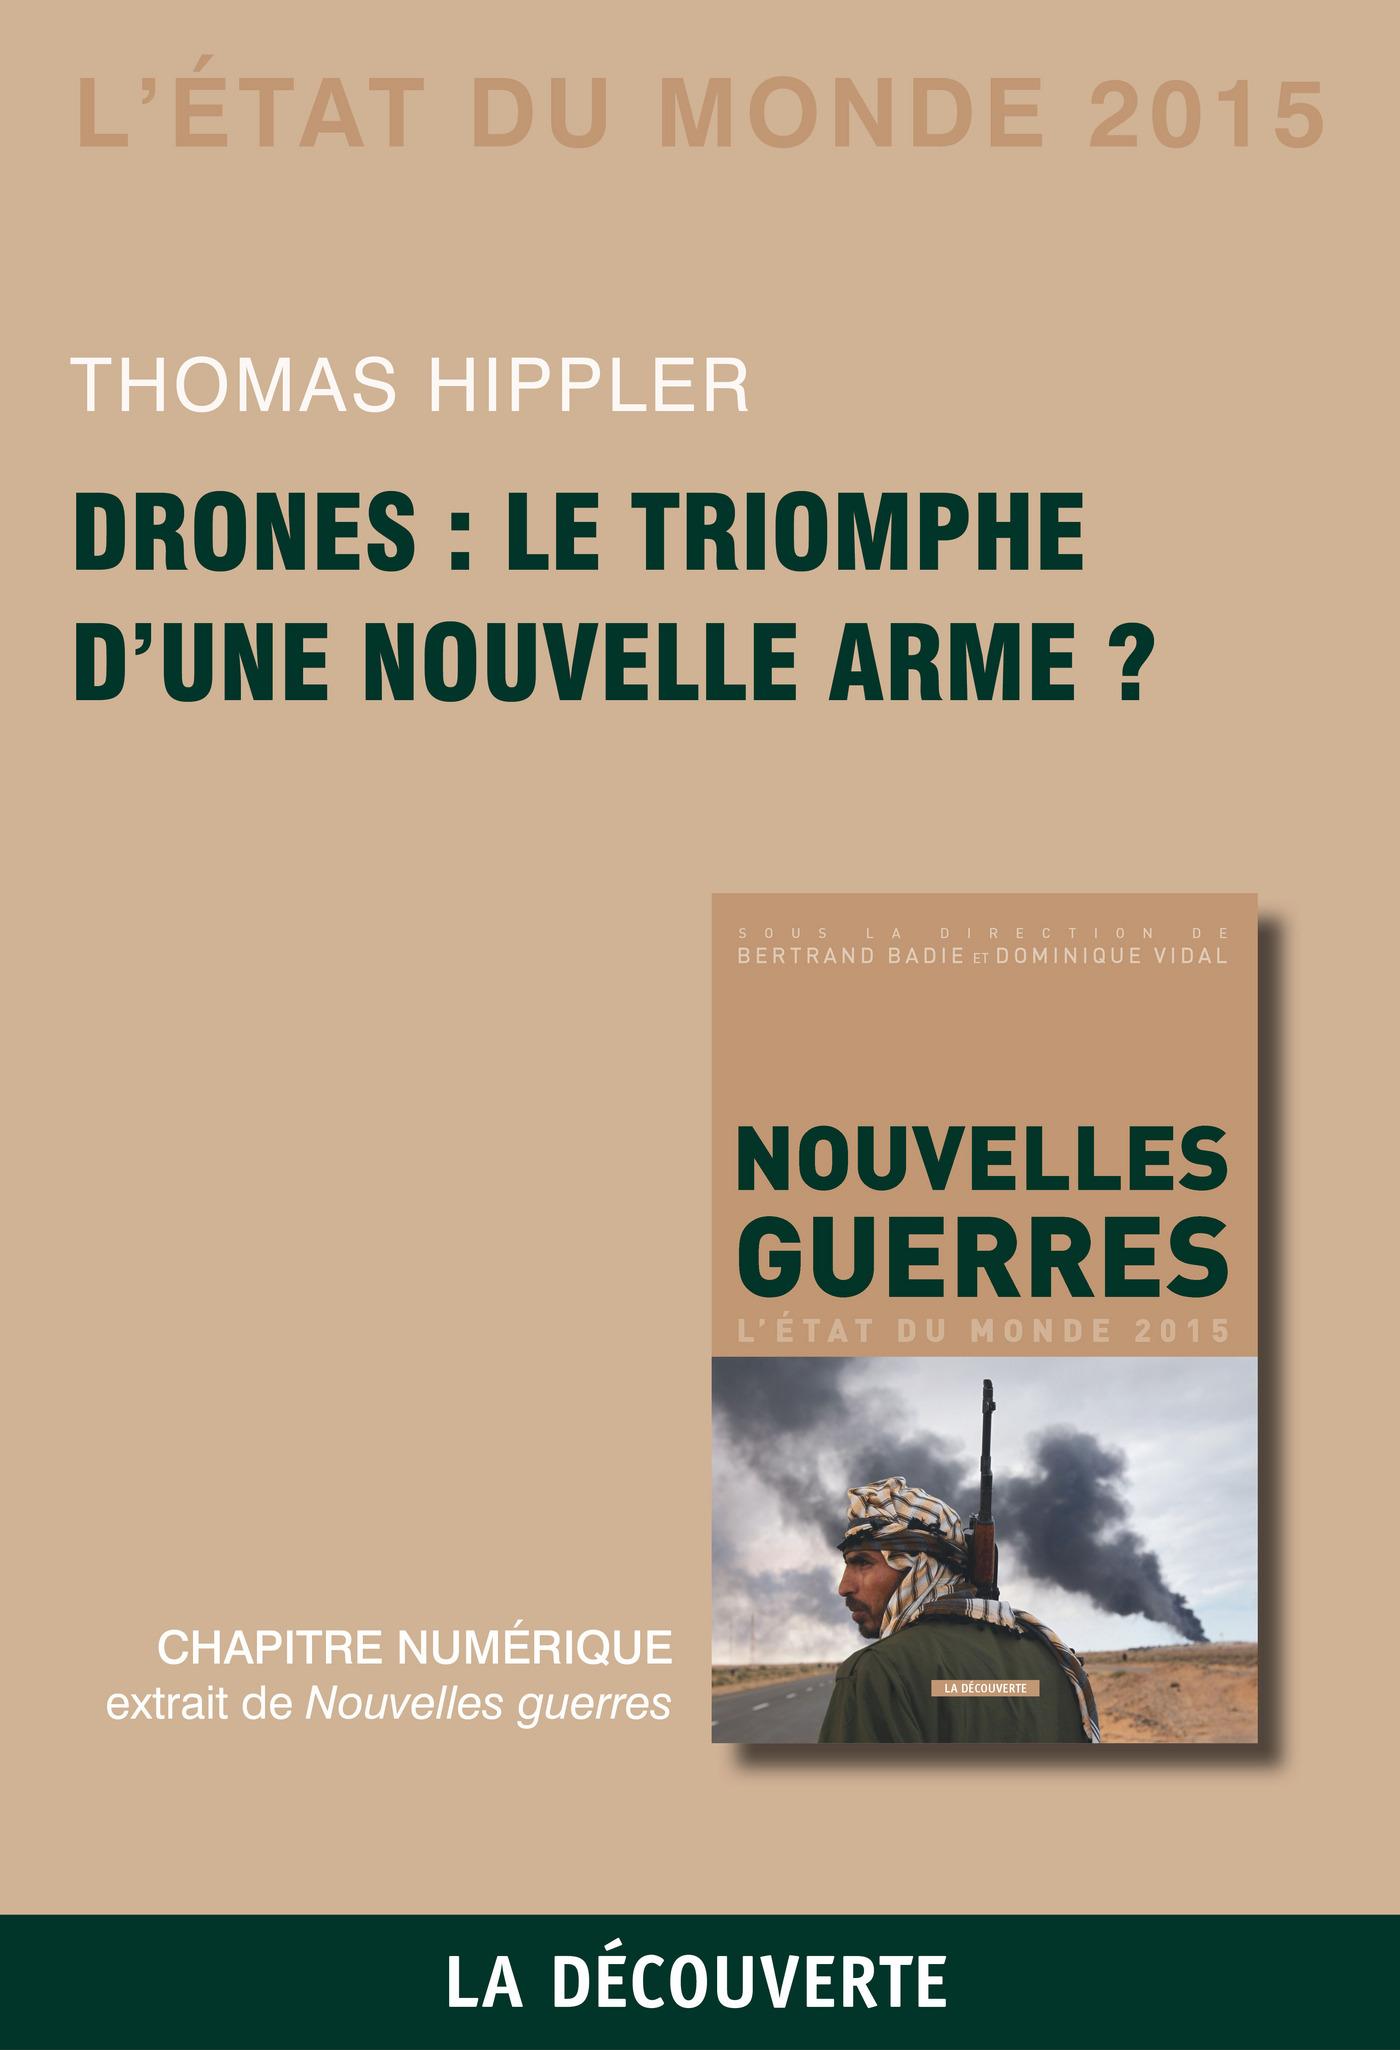 Chapitre État du monde 2015. Drones : le triomphe d'une nouvelle arme ?